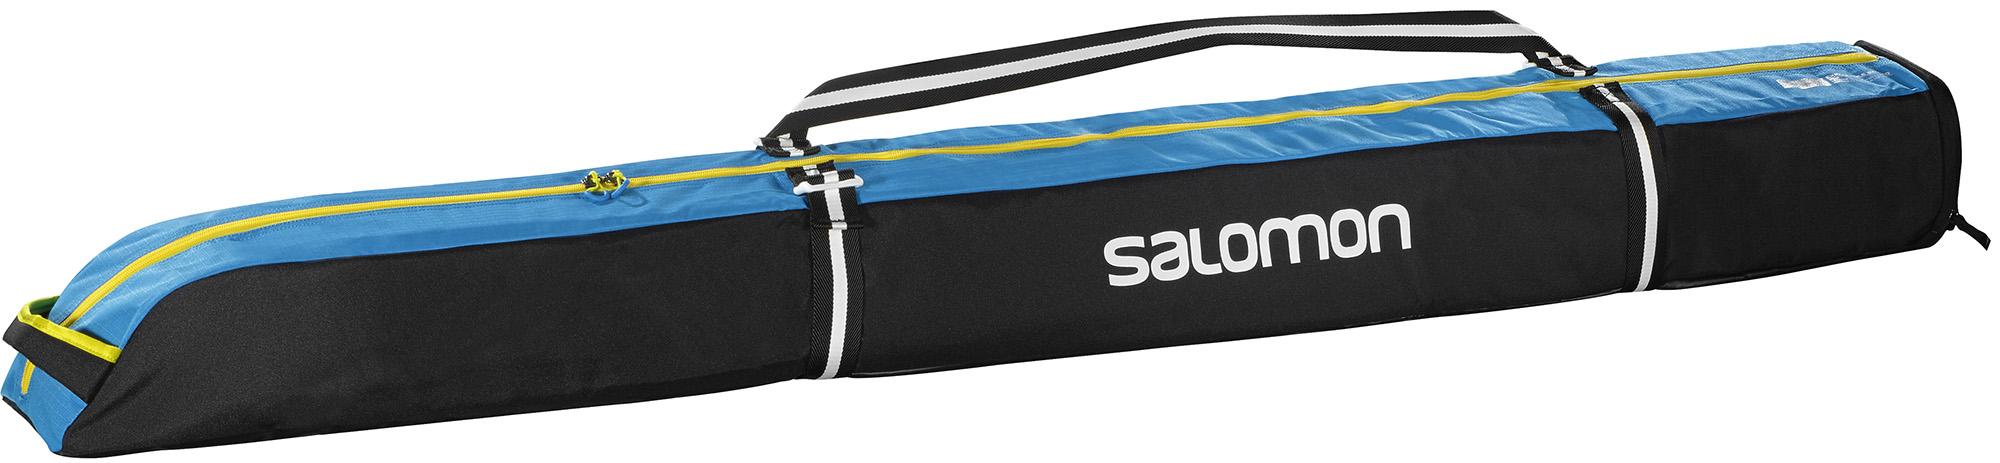 Salomon Чехол для горных лыж Salomon Extend 1P 165+20см ботинки для горных лыж в украине